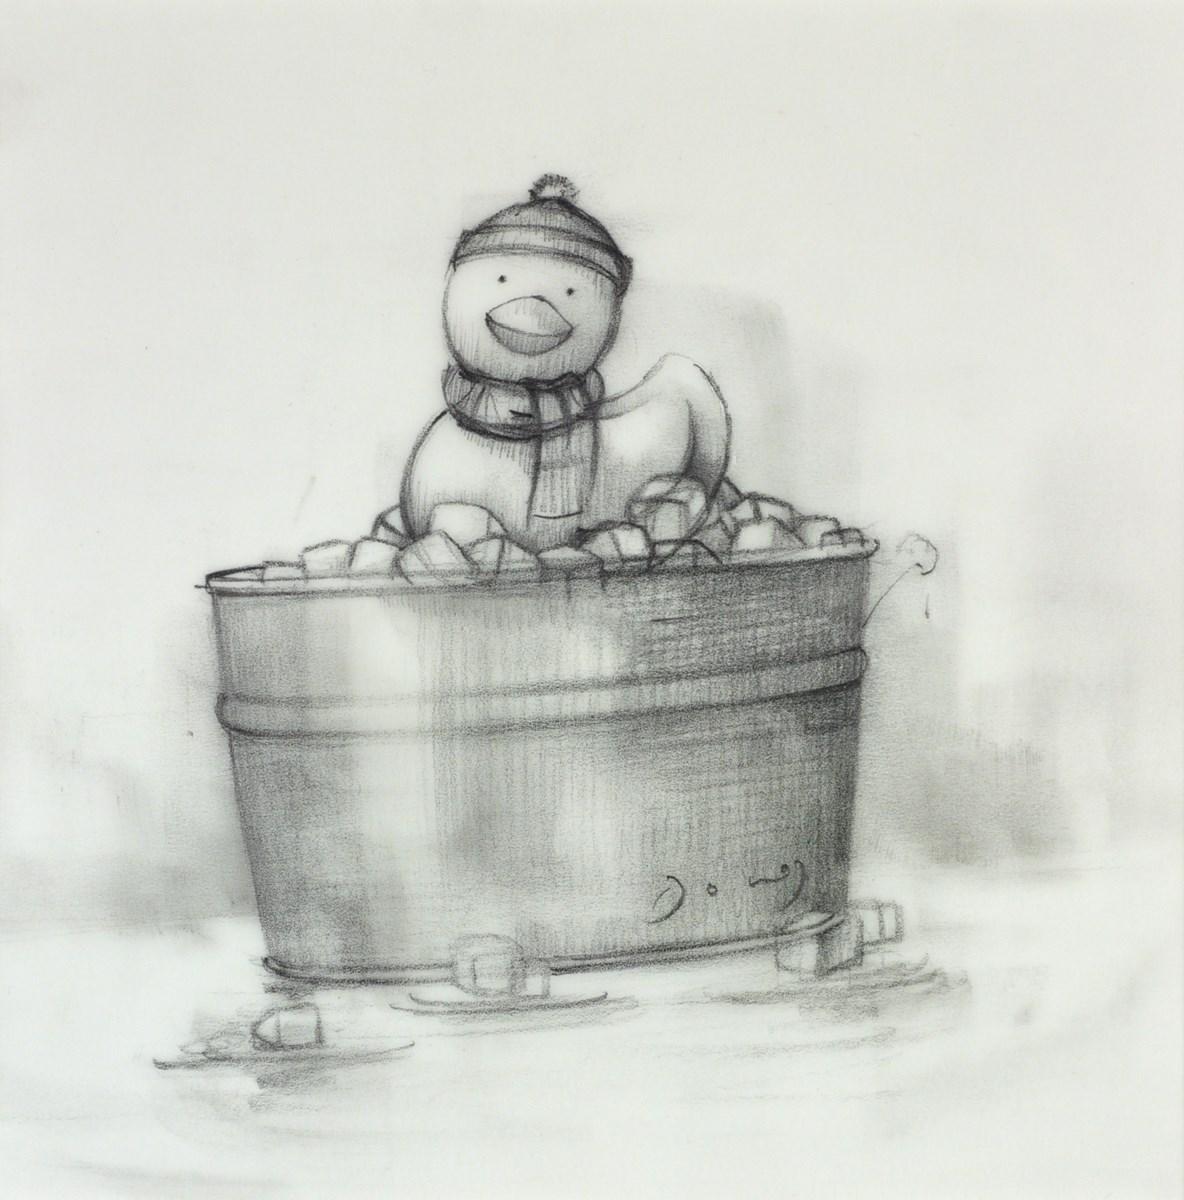 Ice Bath (Study II)